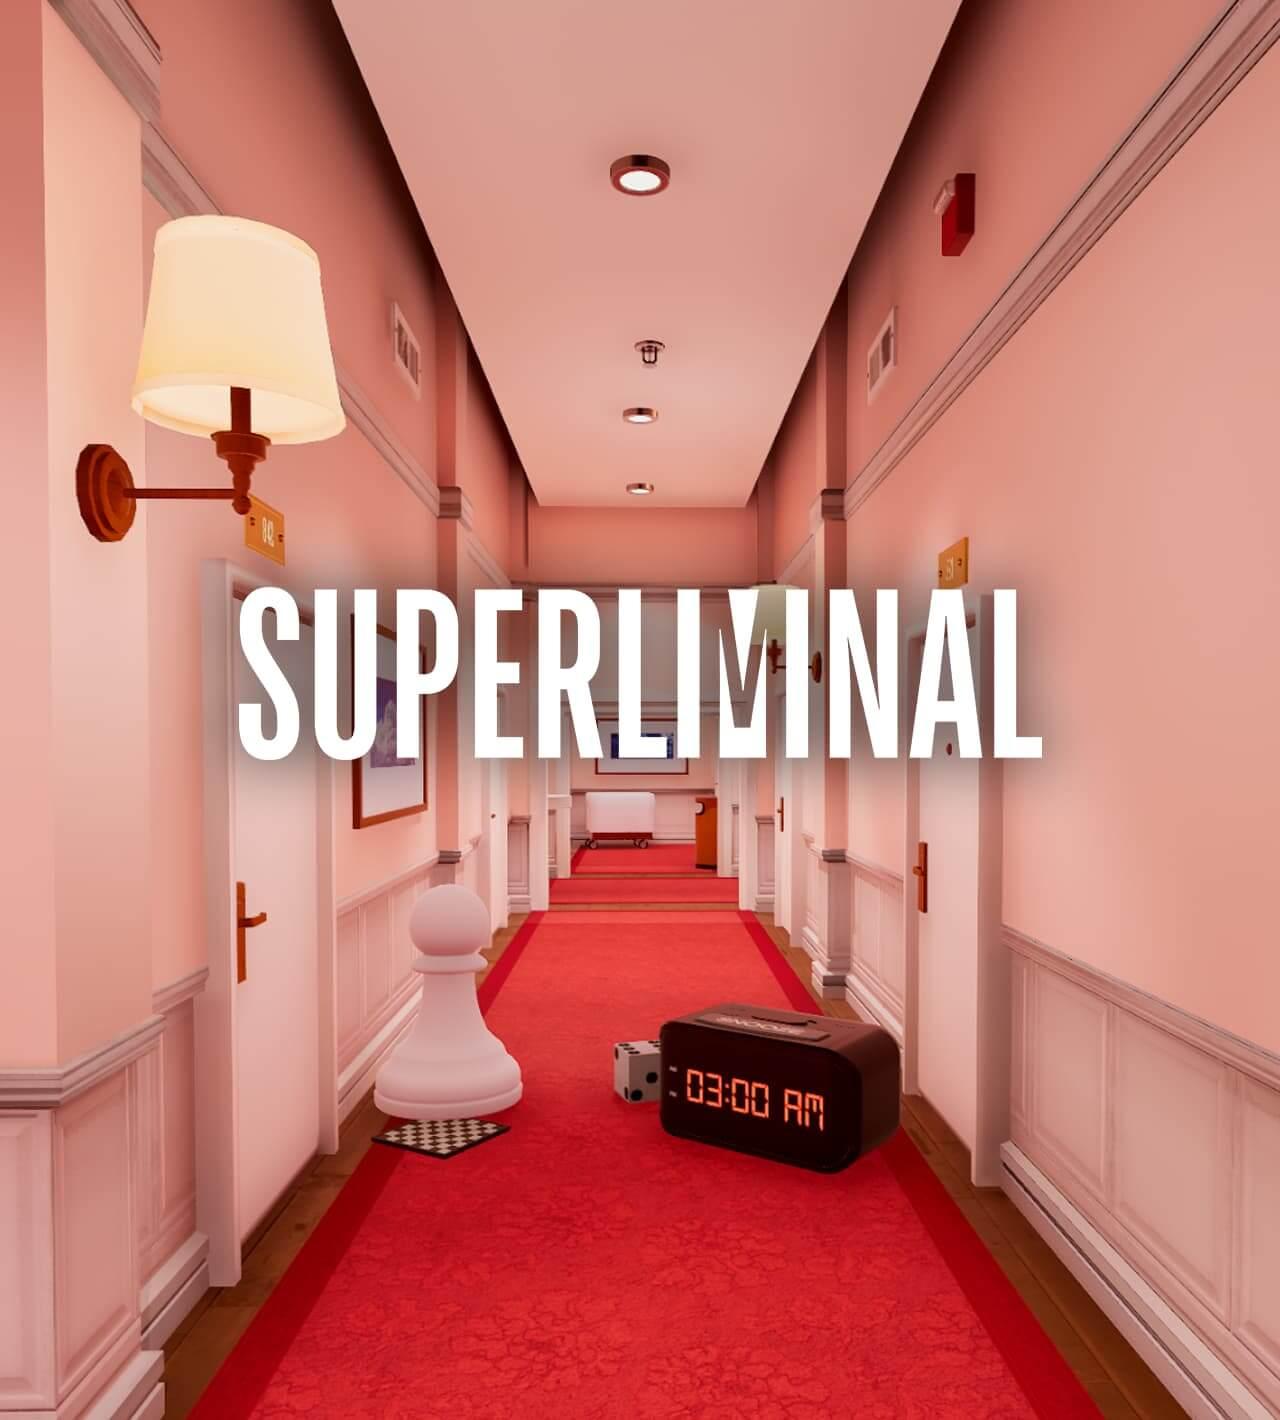 Epic Games: Superliminal (PC Digital Download) for $15.99